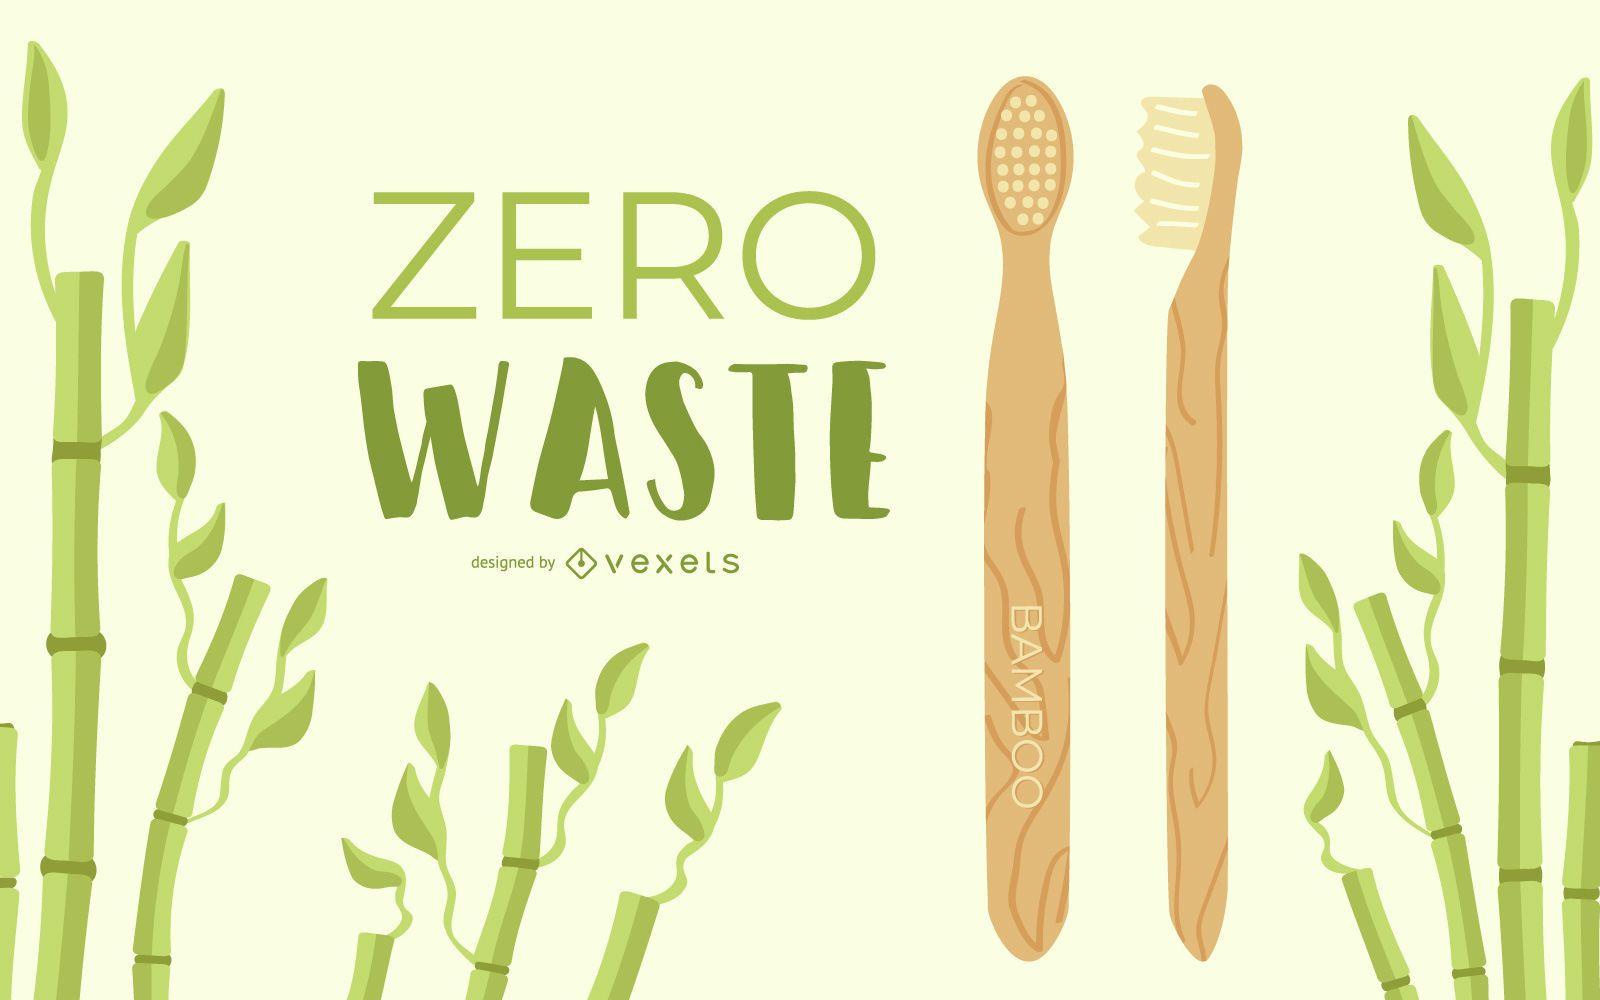 Diseño de cepillo de dientes de madera sin residuos